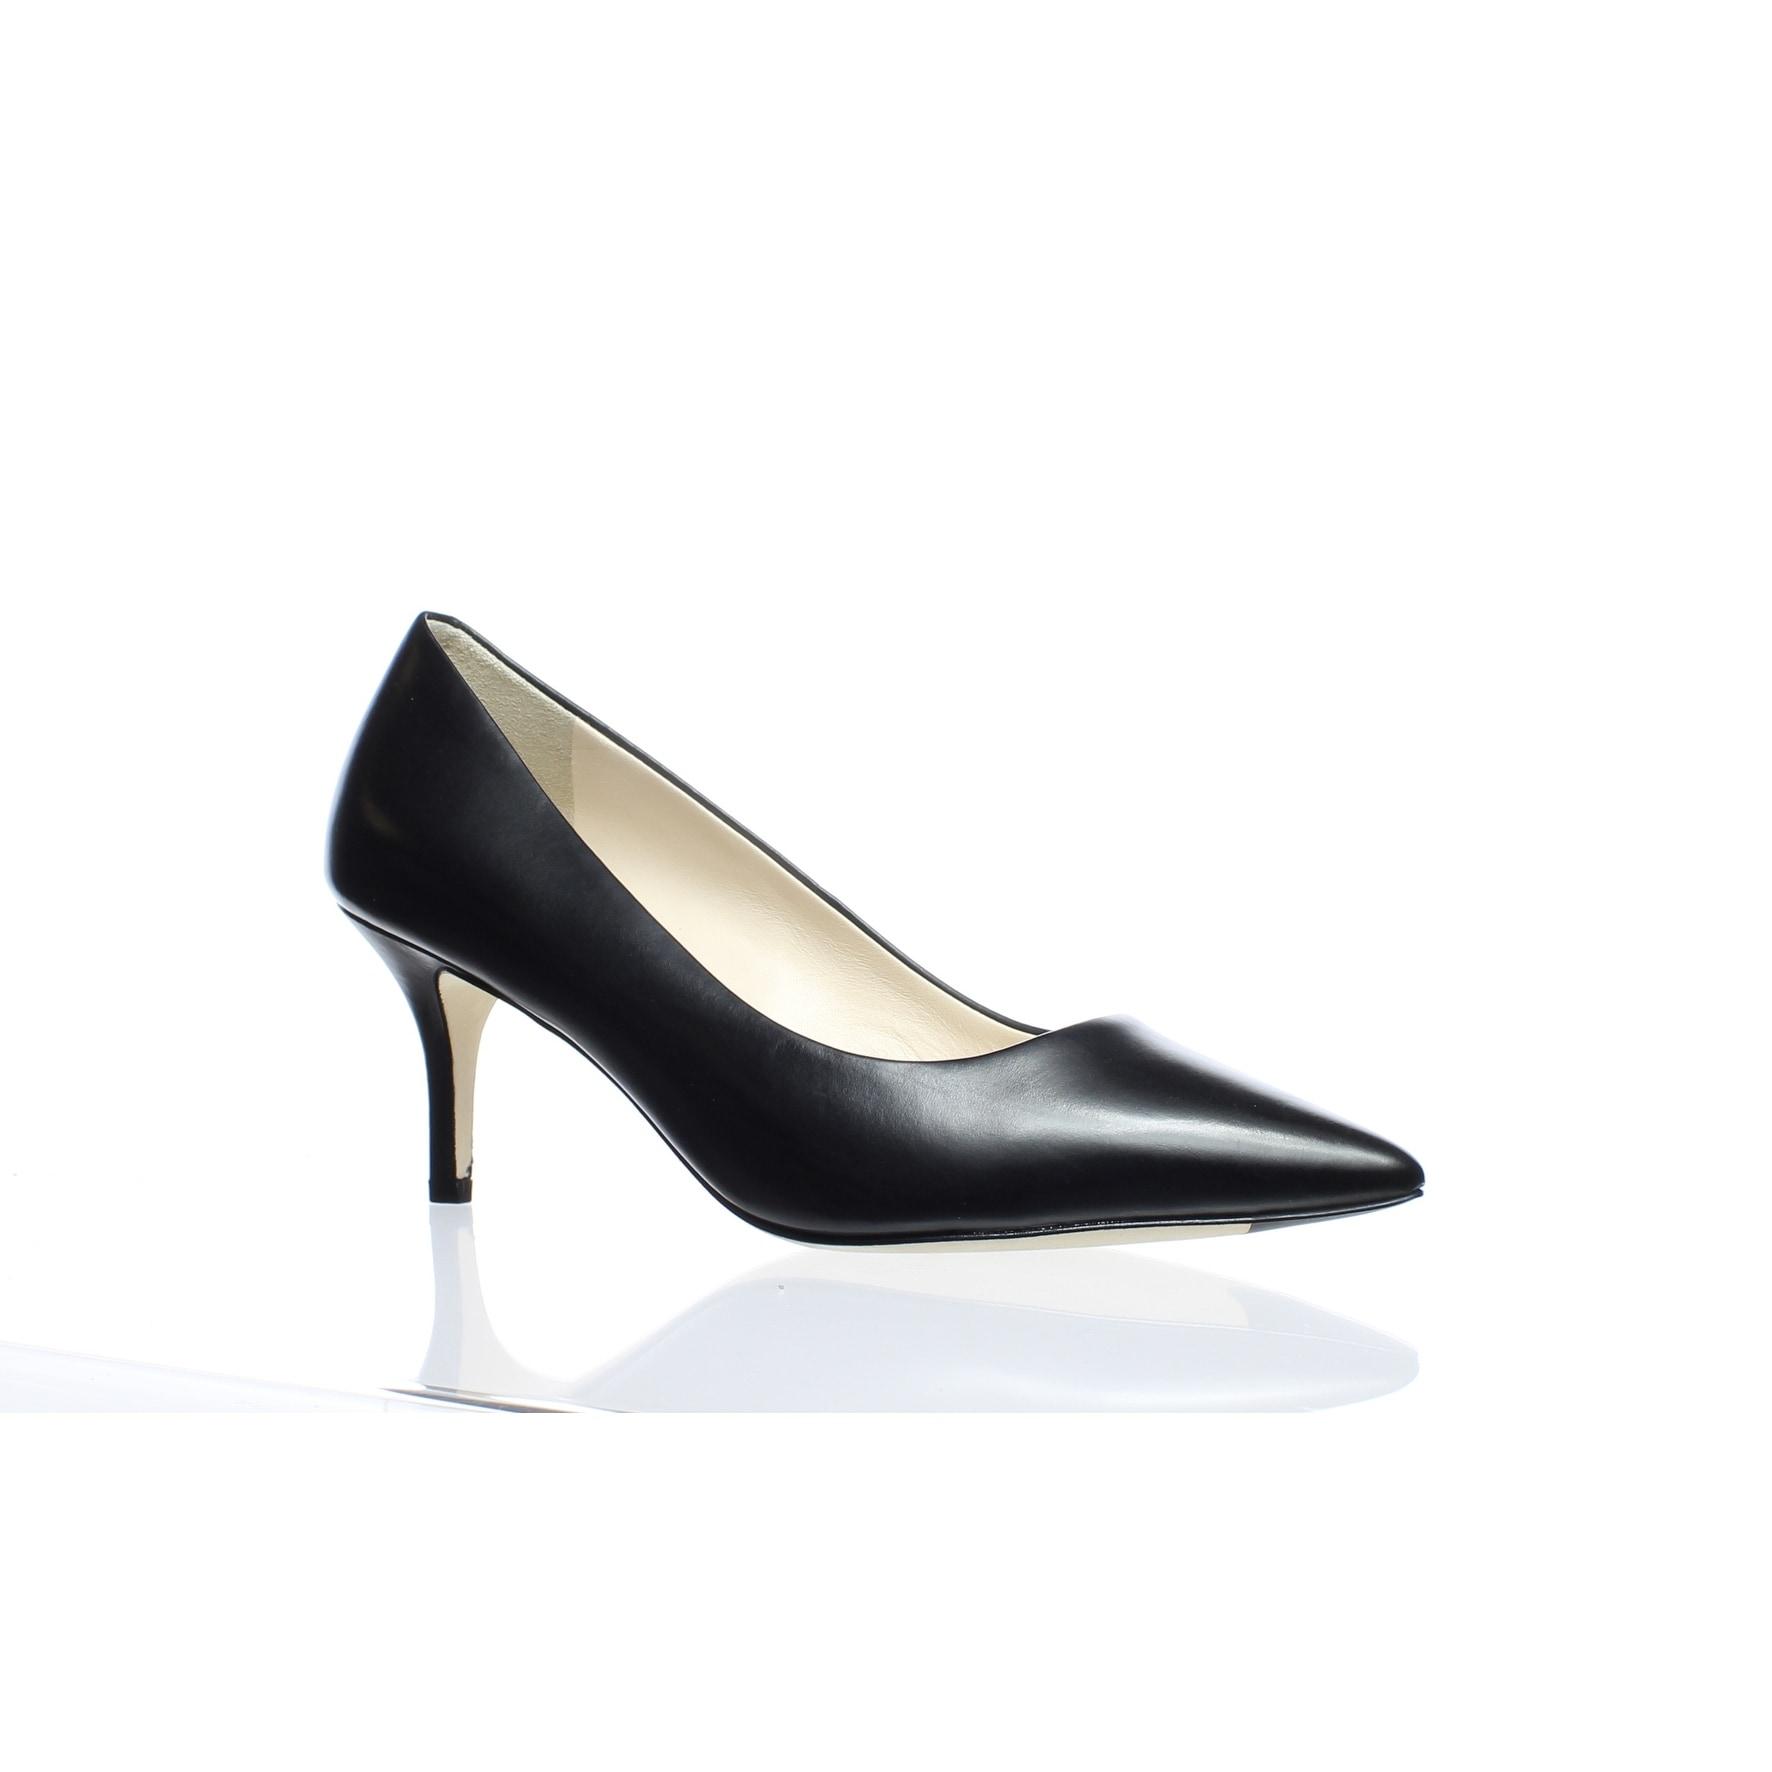 1436ad0ff52 Buy Cole Haan Women s Heels Online at Overstock